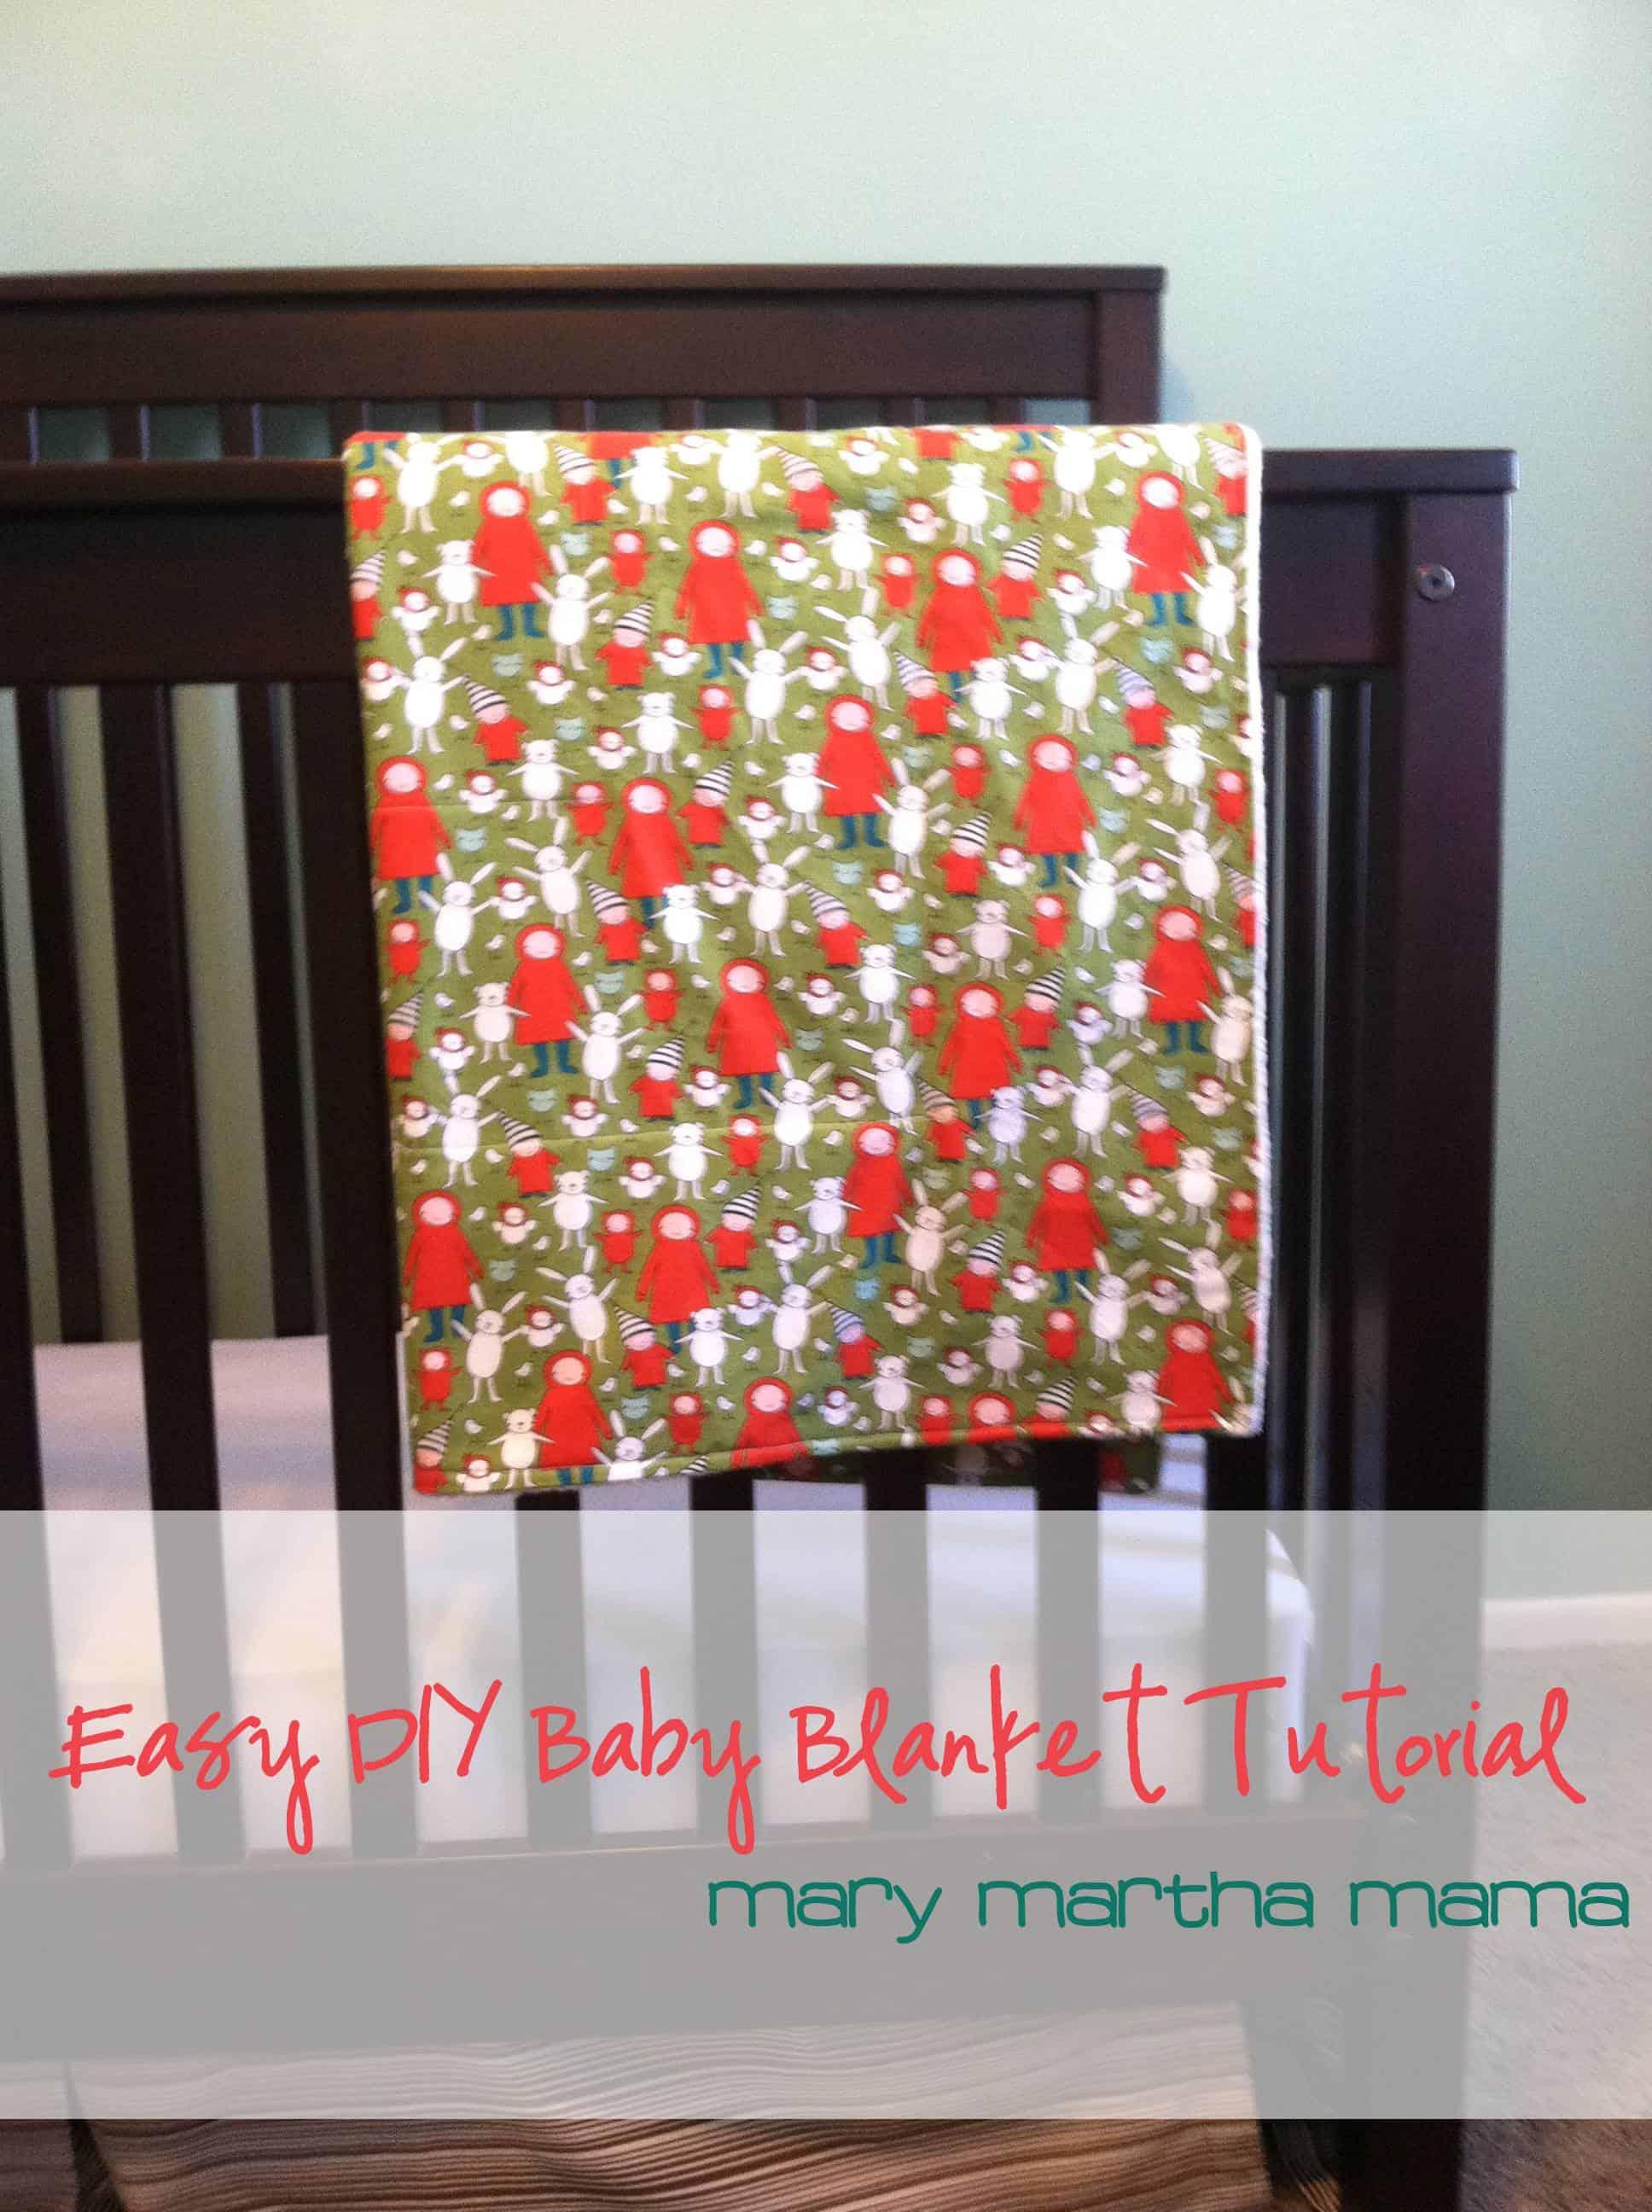 Easy DIY Baby Blanket Tutorial